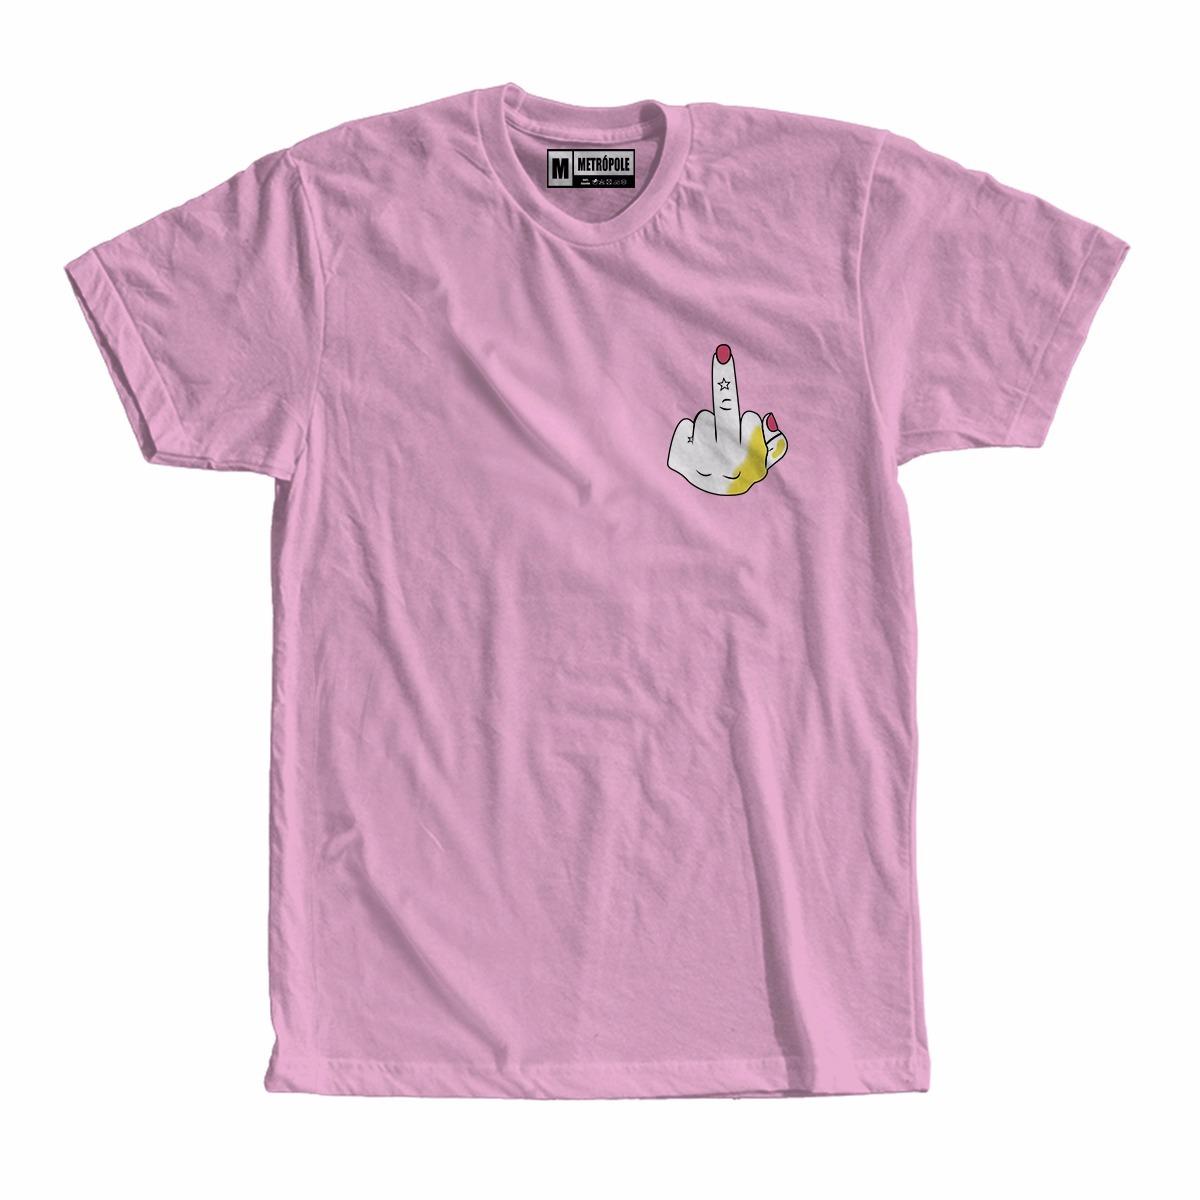 Camiseta Camisa Blusa Dedo Fuck Moda Tumblr Feminismo Mulher - R  26 ... 9140d8d7ddeb2